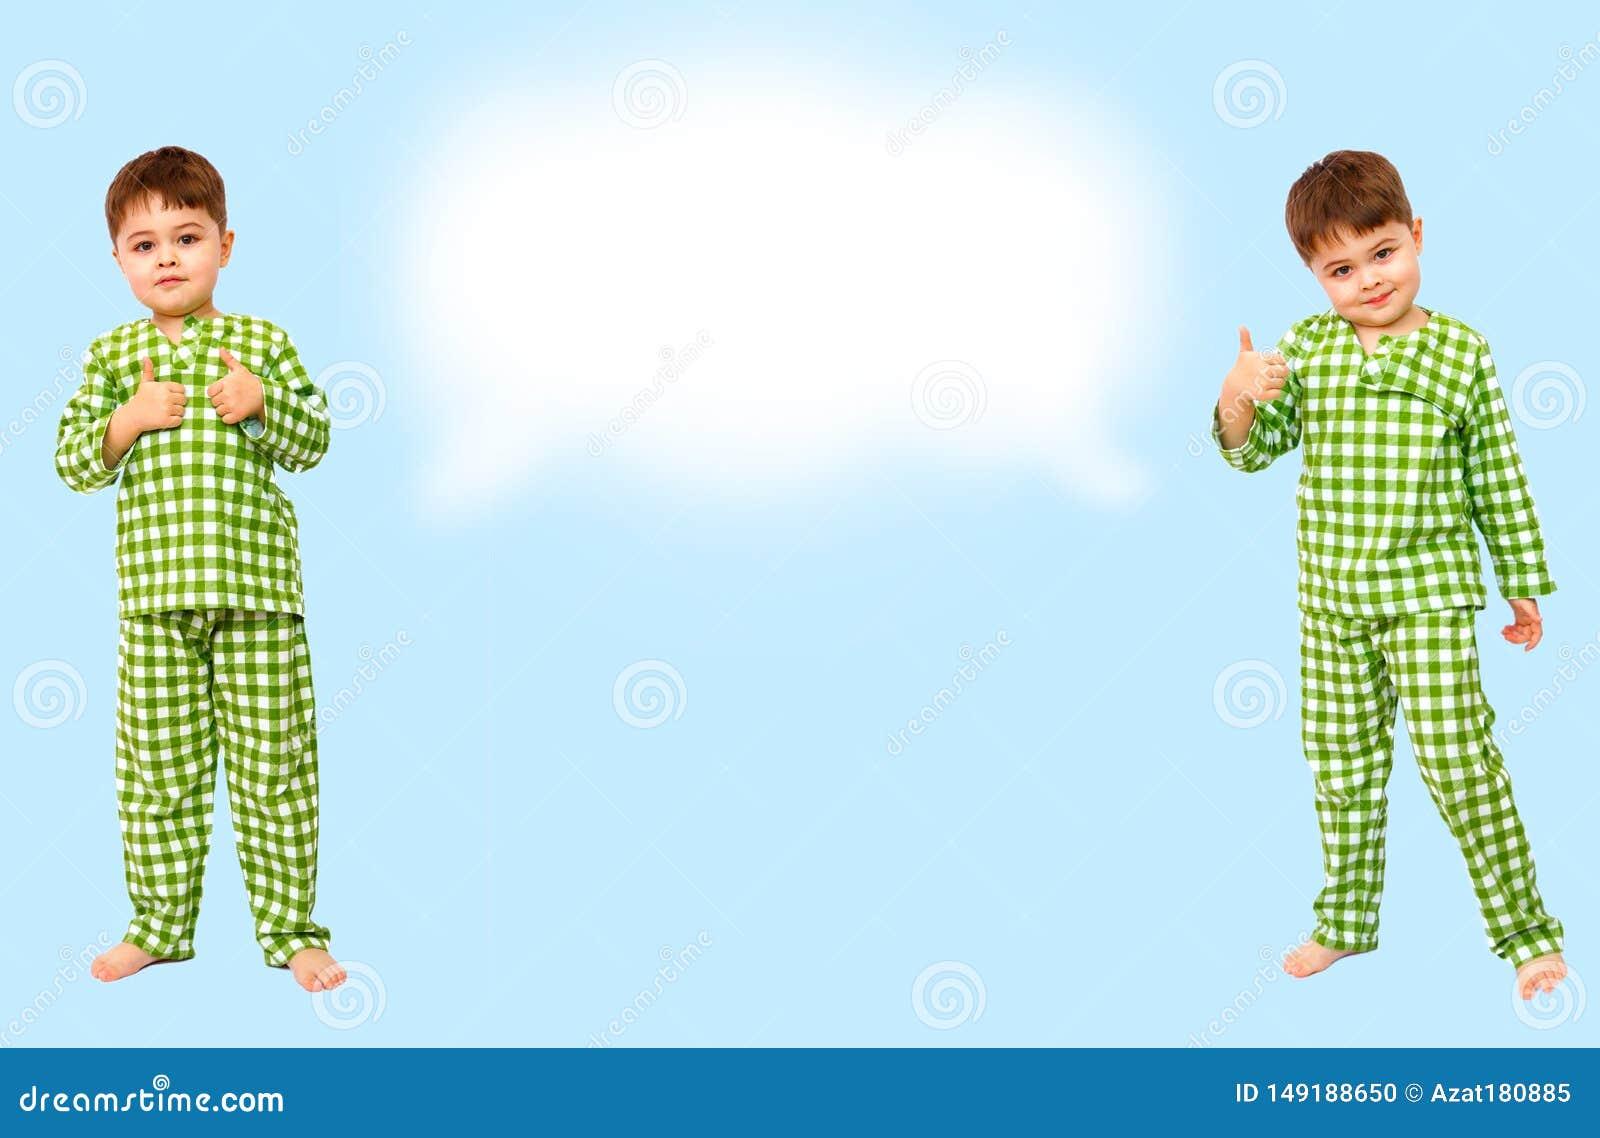 Collage Stellung des kleinen Jungen in den Pyjamas, die Zeichen der Zustimmung zeigen, m?gen